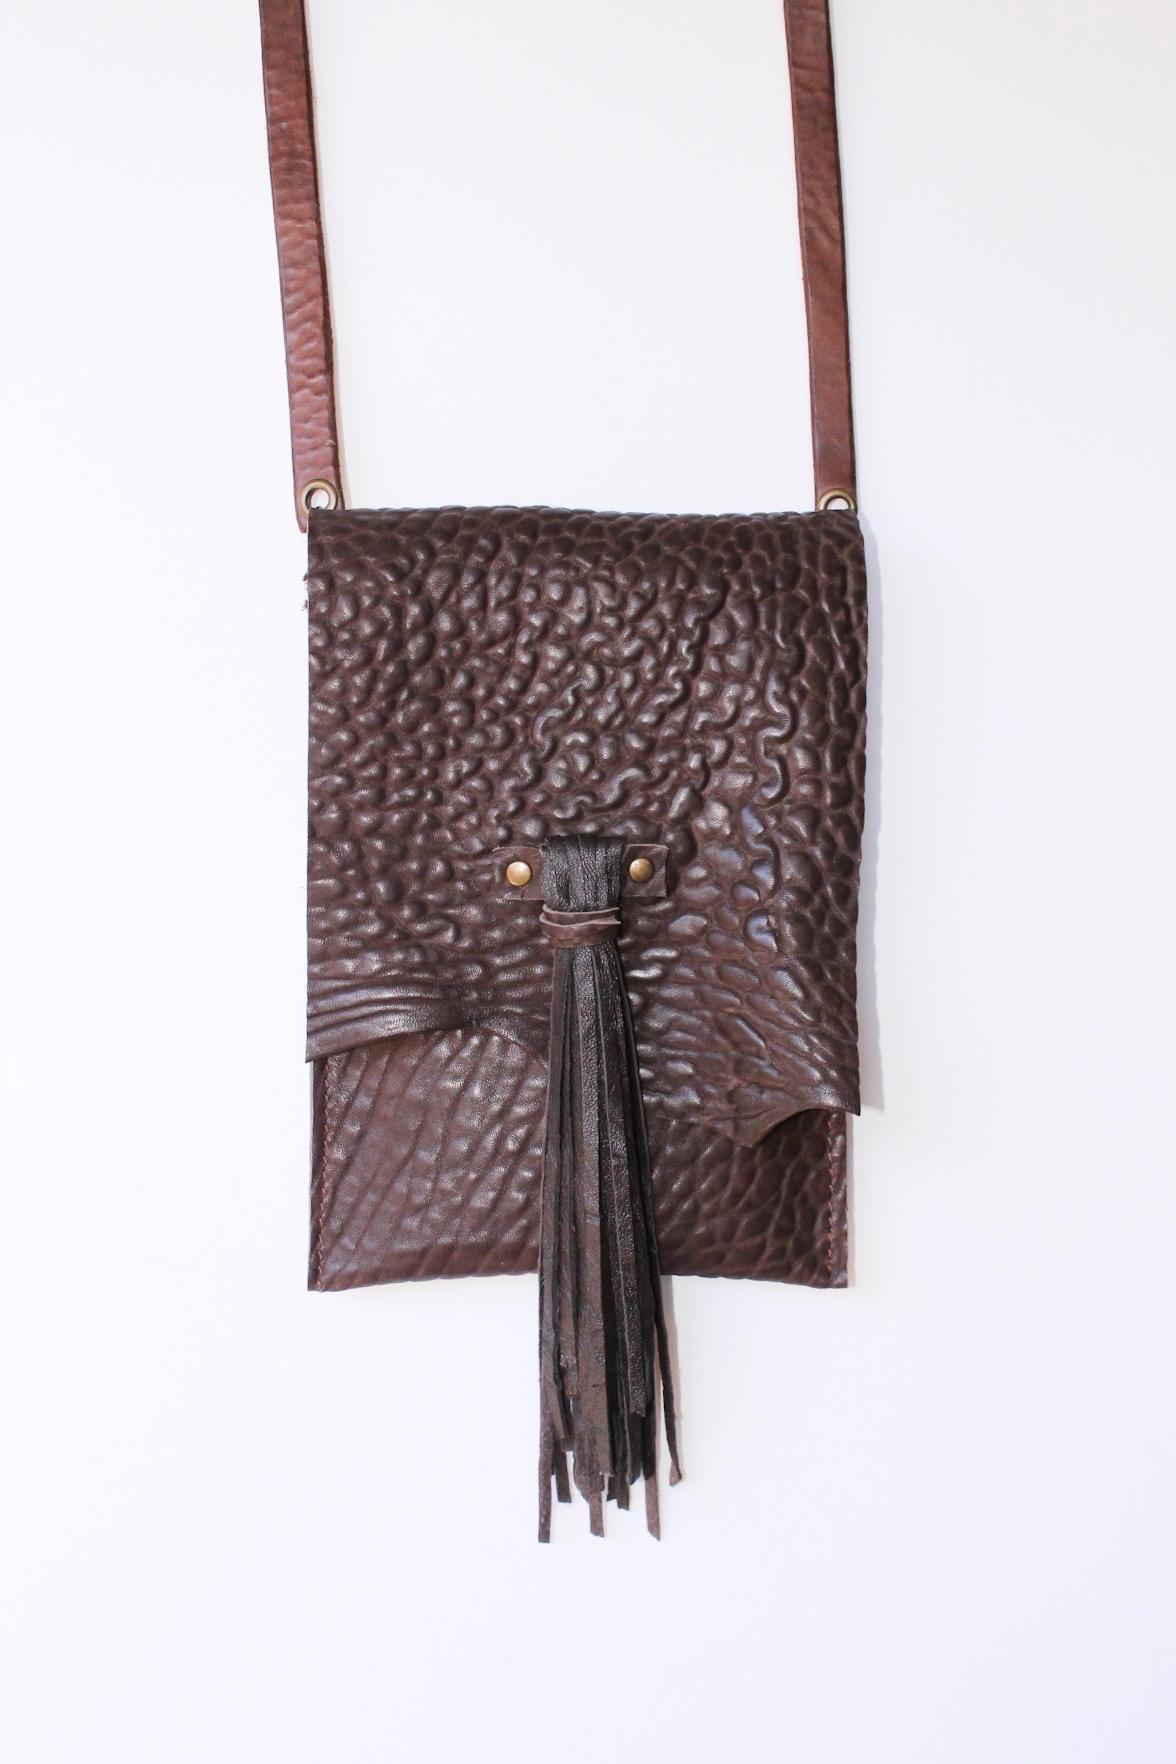 Textured brown cowhide bag with long soft lambskin tassel.  $128..jpg